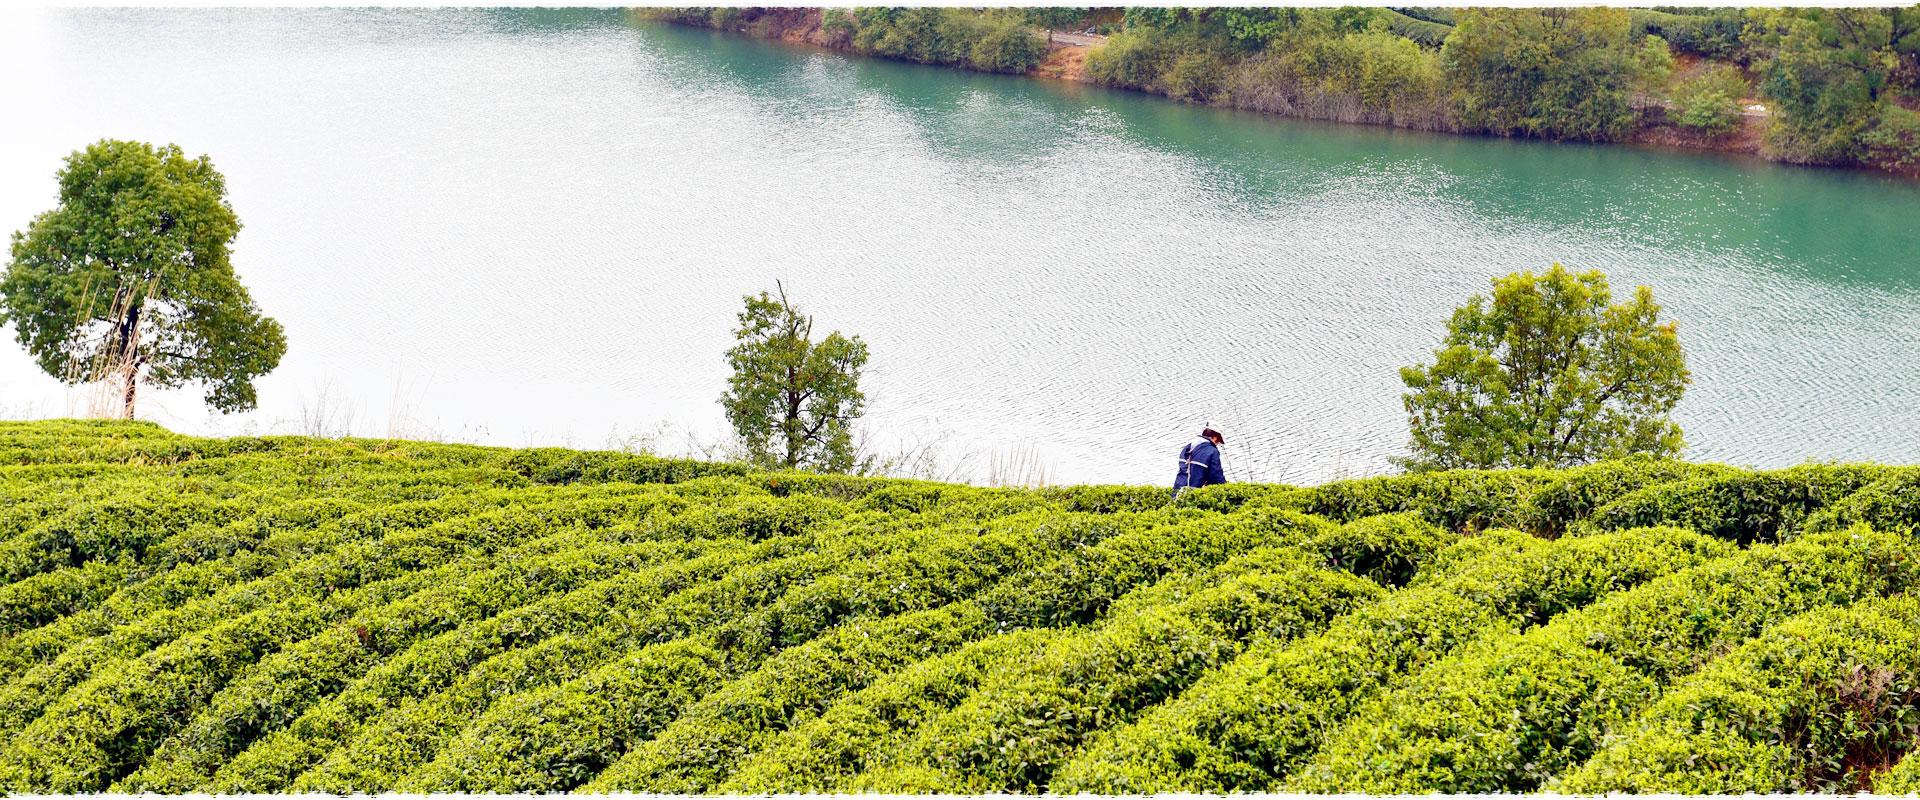 Visit Organic Tea Garden in Hangzhou